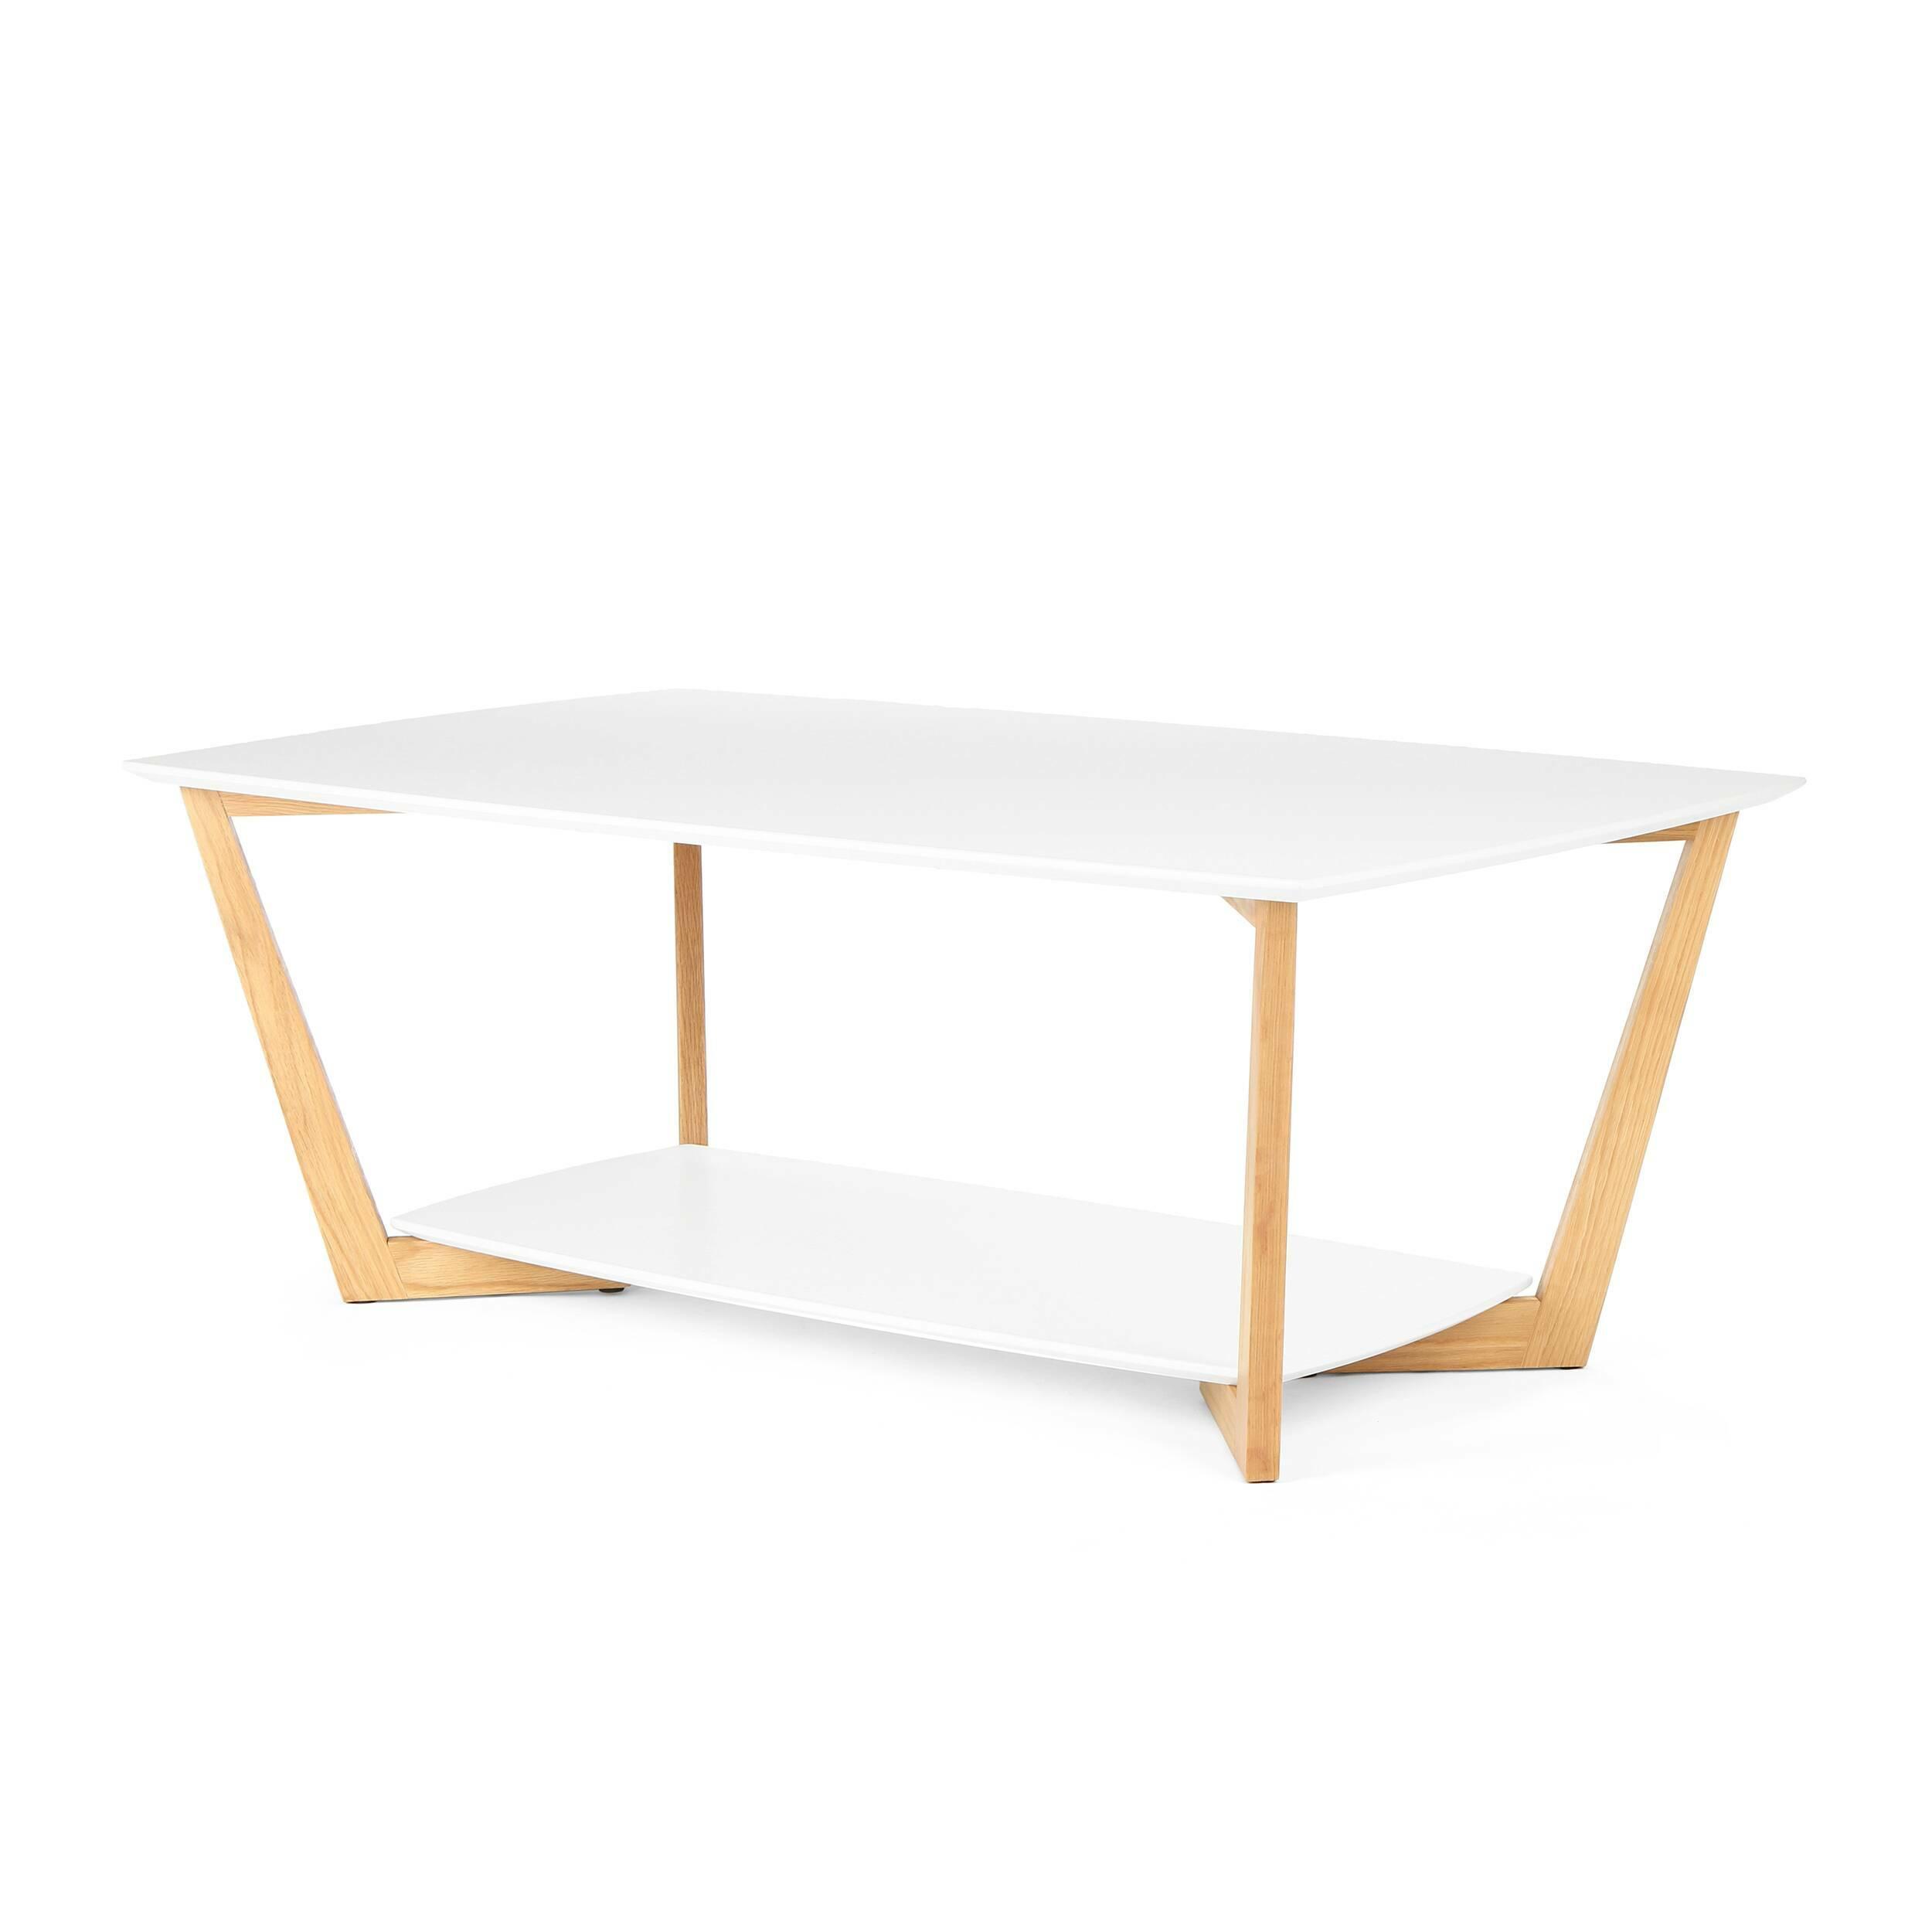 Кофейный стол BorderКофейные столики<br>Дизайнерский прямоугольный светлый кофейный столик Border (Бордер) на деревянных ножках от Cosmo (Космо).<br><br>Журнальный или кофейный стол — это постоянный атрибут любой современной гостиной. Это небольшой, но функциональный предмет мебели, который служит подставкой для светильника или пульта, а также столиком для сервировки небольшой трапезы. <br> <br> Оригинальный кофейный стол Border подходит для использования в гостиных, оформленных в современном стиле. Нижнюю полку столика можно использоват...<br><br>stock: 0<br>Высота: 45<br>Ширина: 70<br>Длина: 120<br>Цвет ножек: Светло-коричневый<br>Цвет столешницы: Белый<br>Материал ножек: Массив дуба<br>Тип материала столешницы: МДФ<br>Тип материала ножек: Дерево